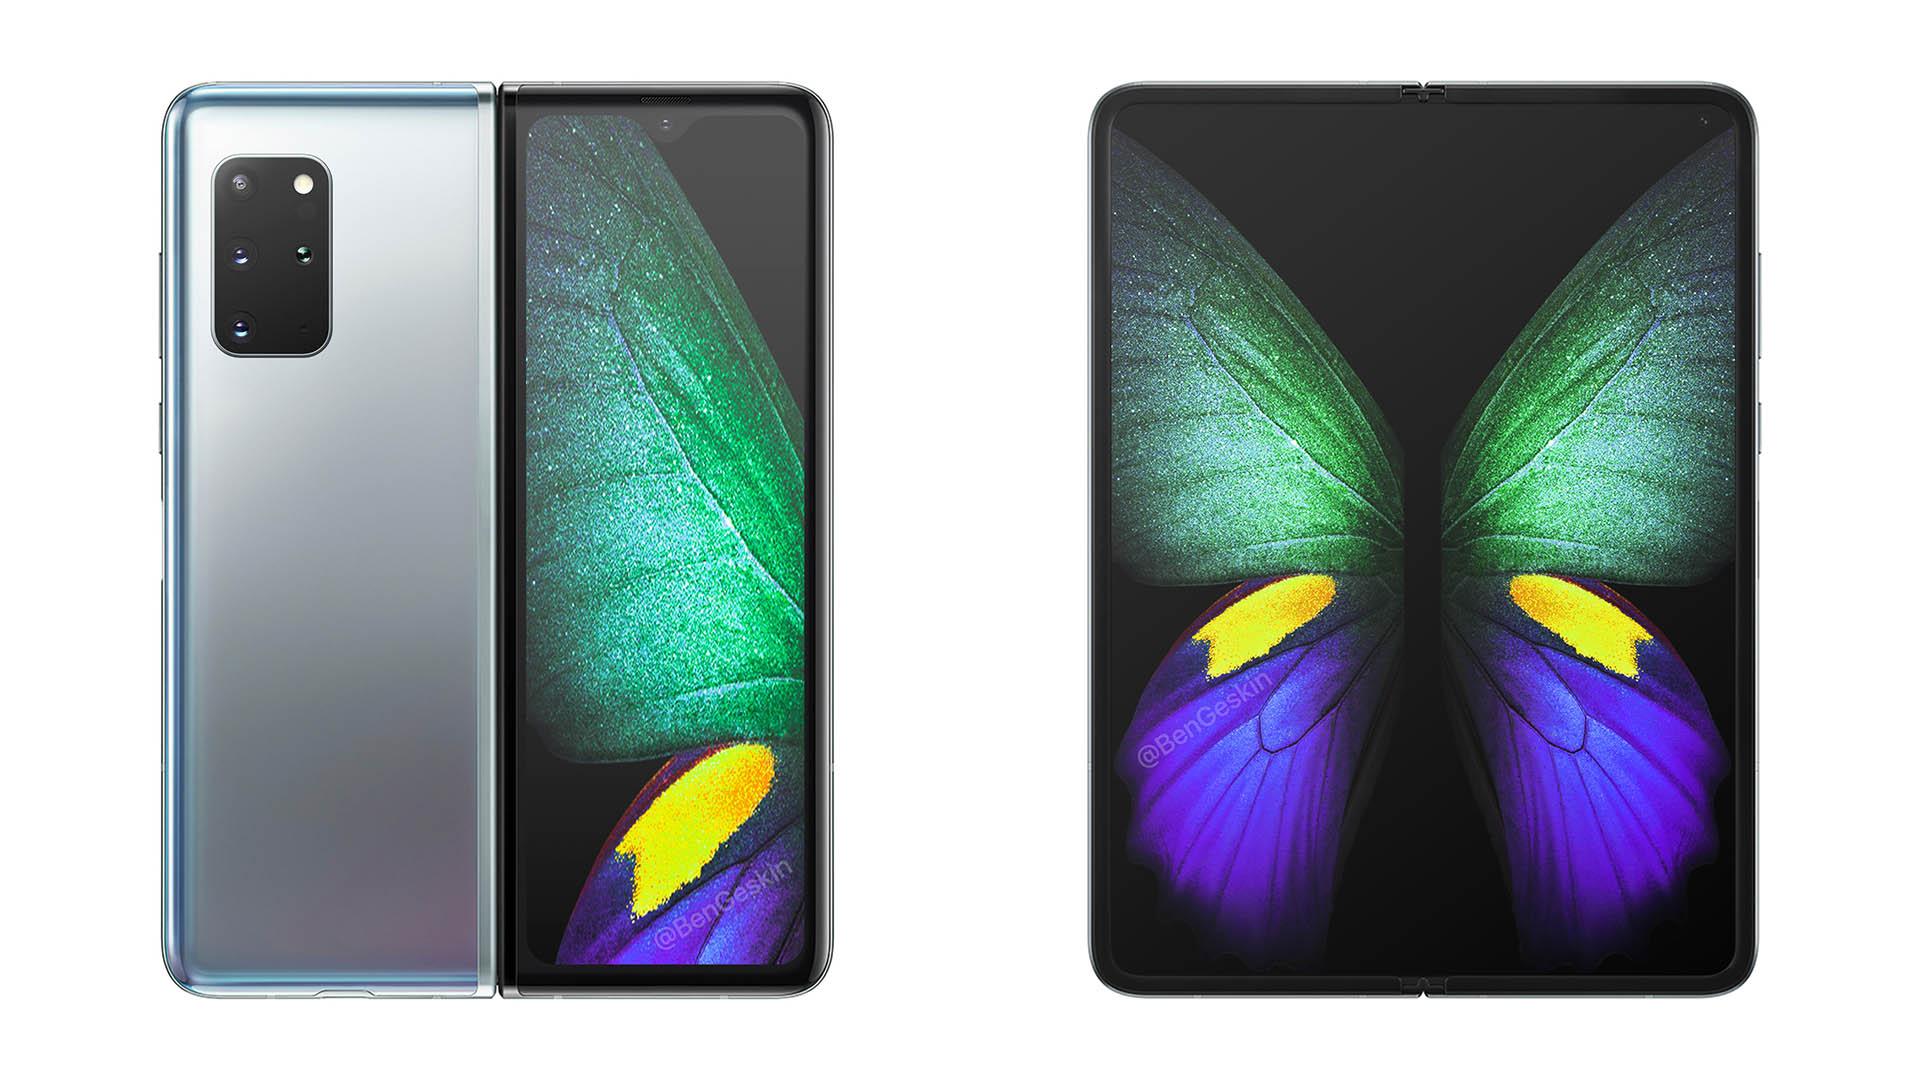 Le Galaxy Z Flip 5G se dévoile en vidéo